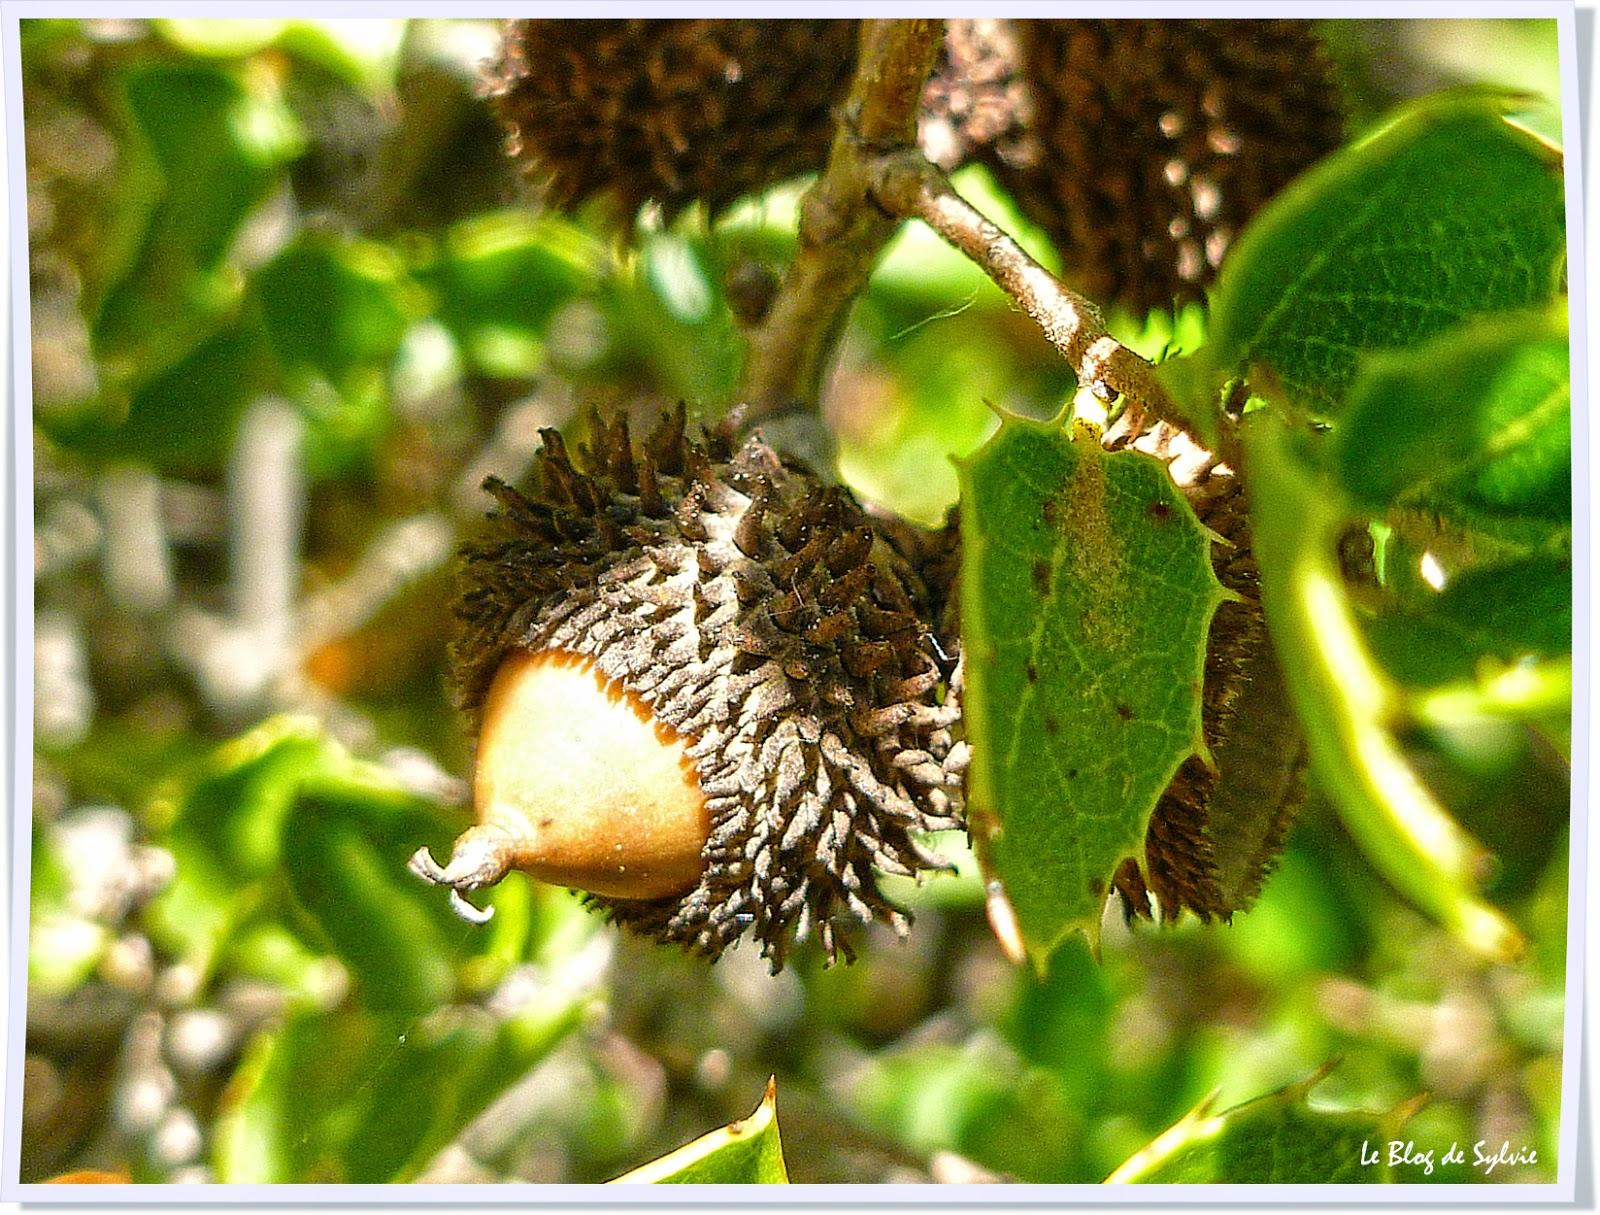 Le blog de sylvie fruits du ch ne vert - Maladie du chene vert arbre ...